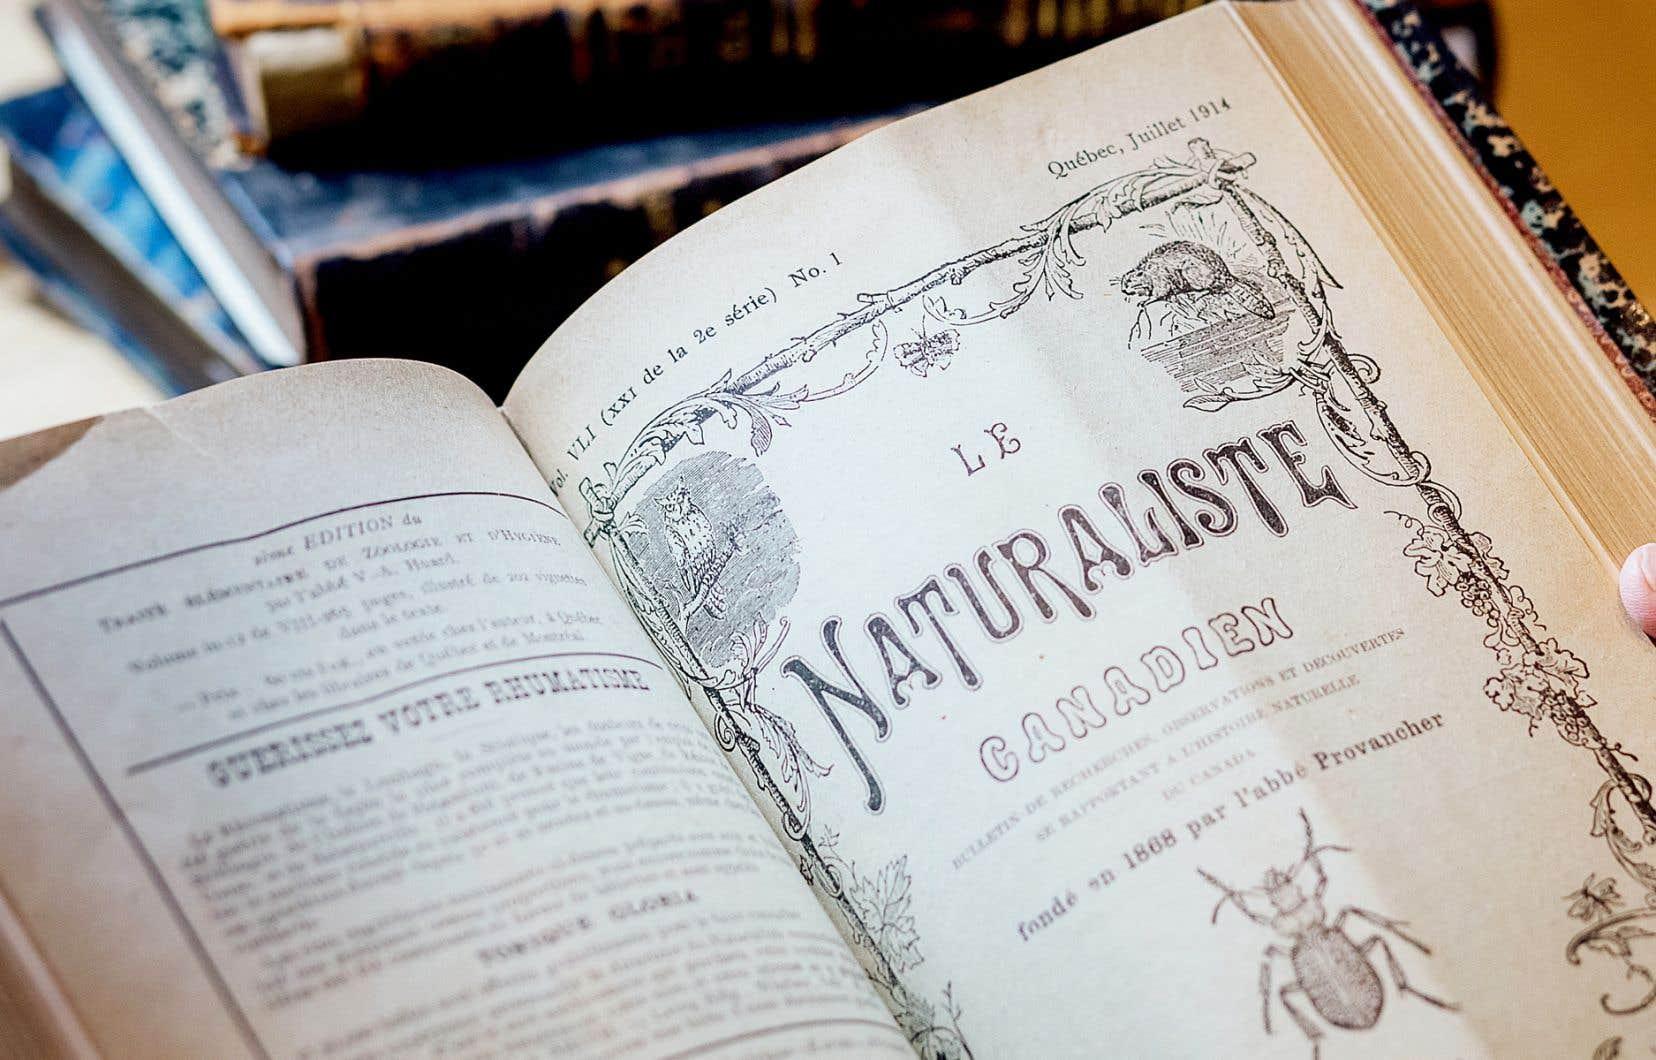 «Le Naturaliste canadien» a été déterminant pour le frère Marie-Victorin, ayant d'abord eu valeur de référence importante à ses yeux et ayant ensuite publié ses premiers articles scientifiques.